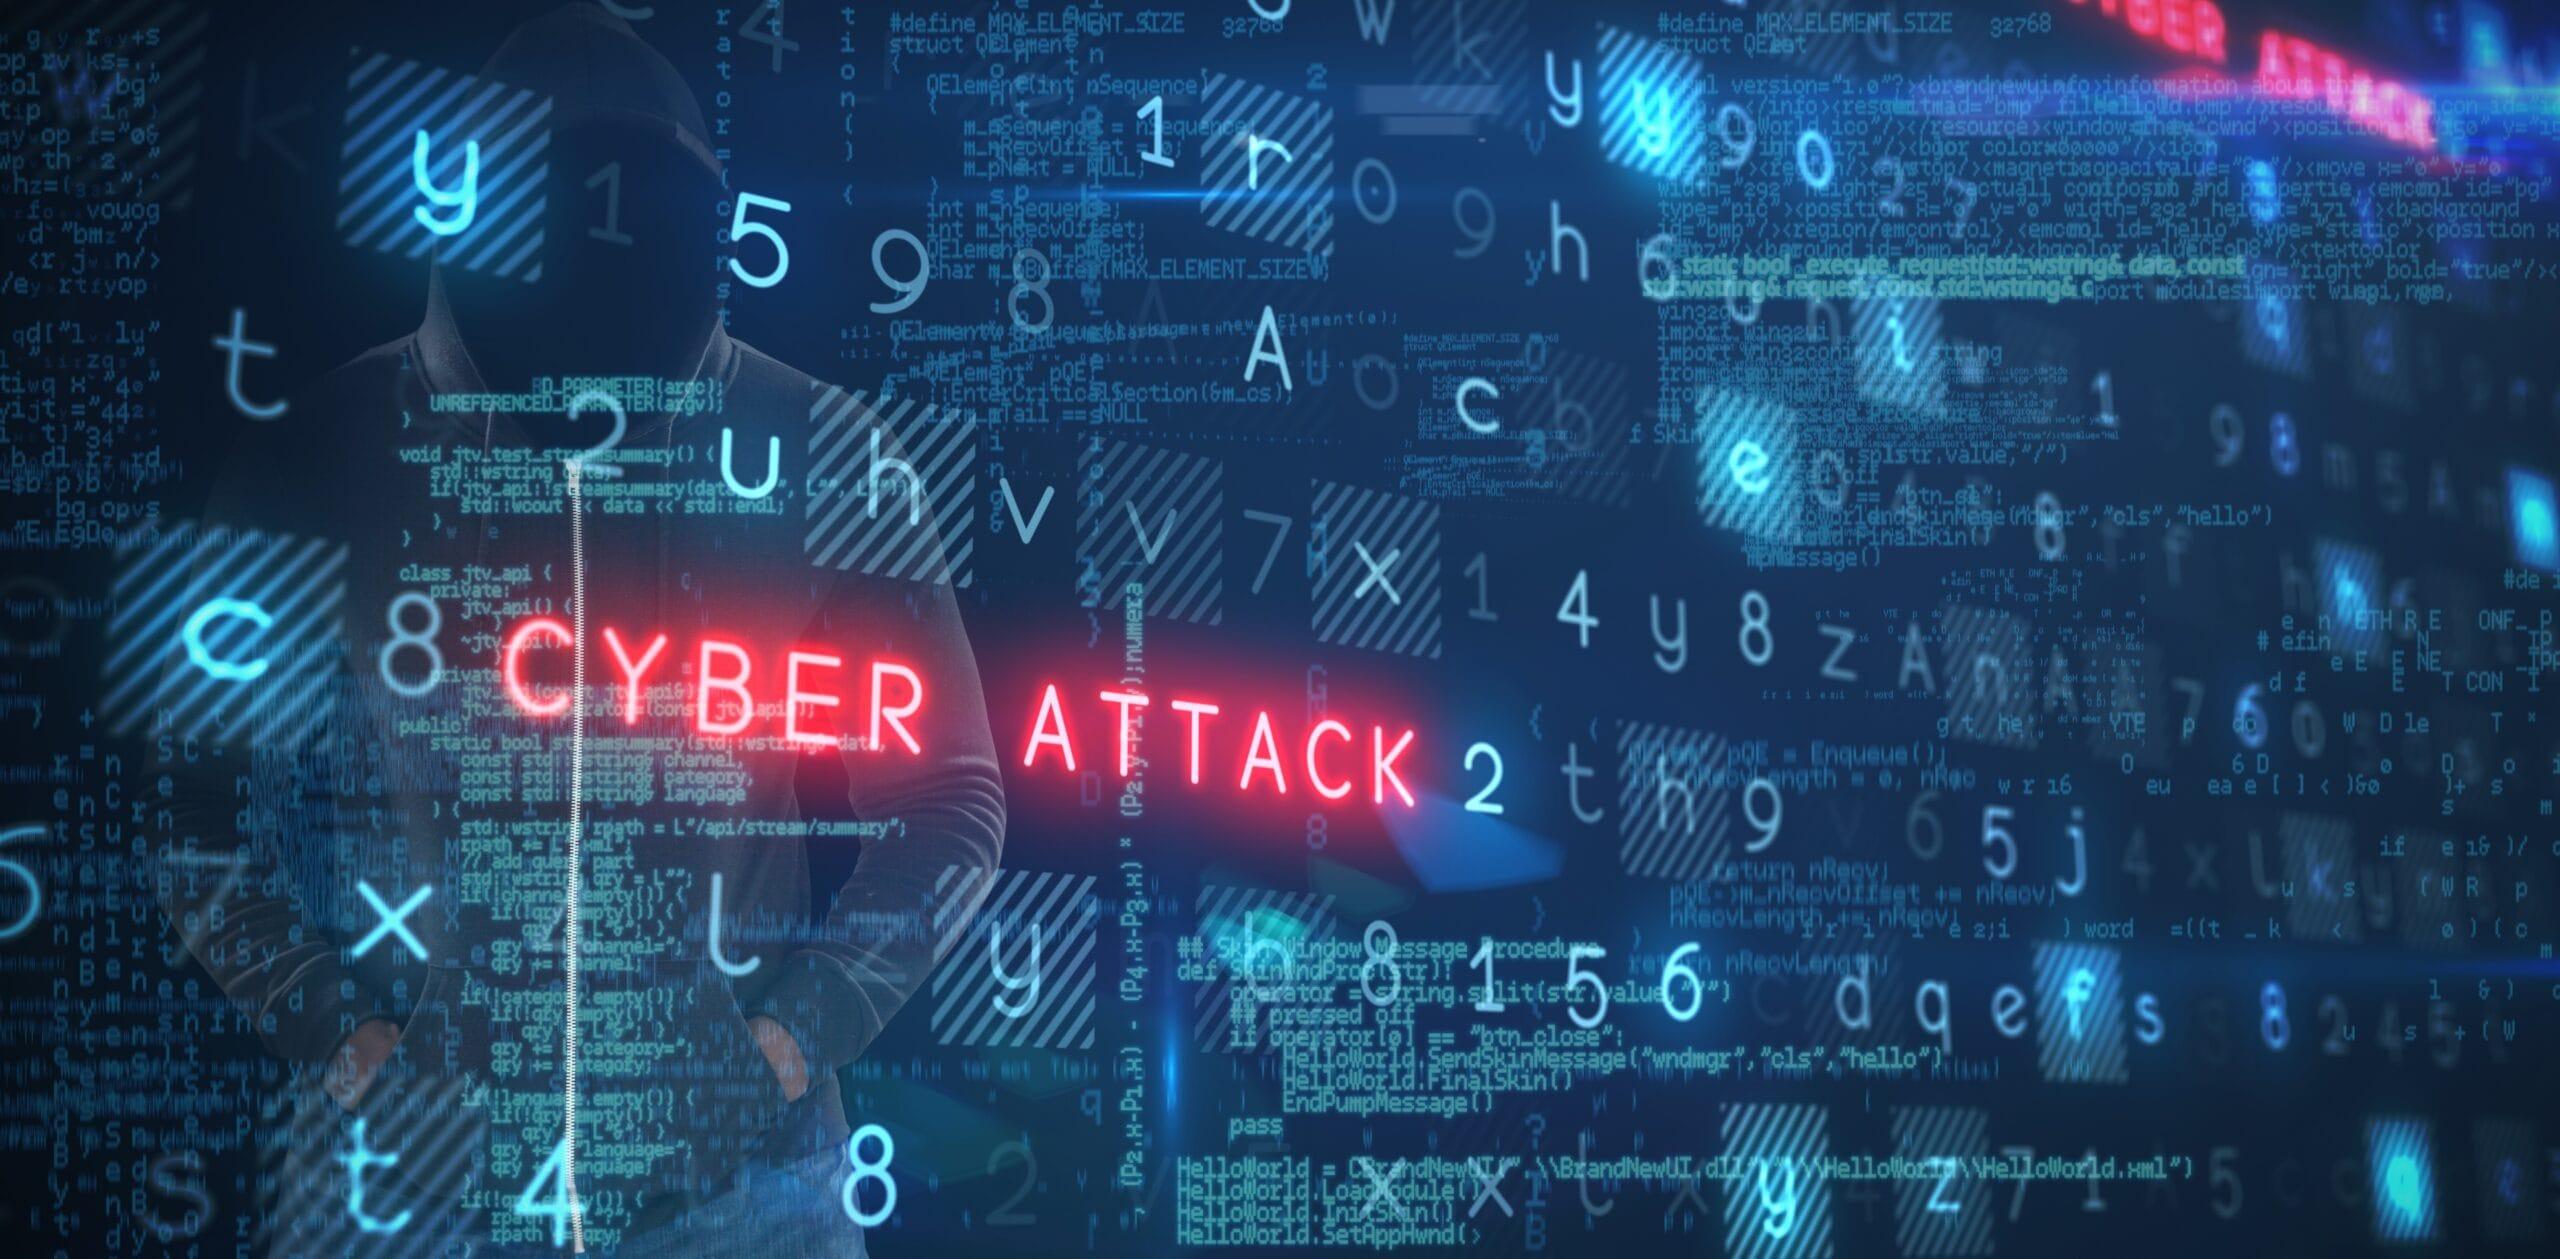 5 einfache Tipps: So schützen Sie sich vor Hackerangriffen